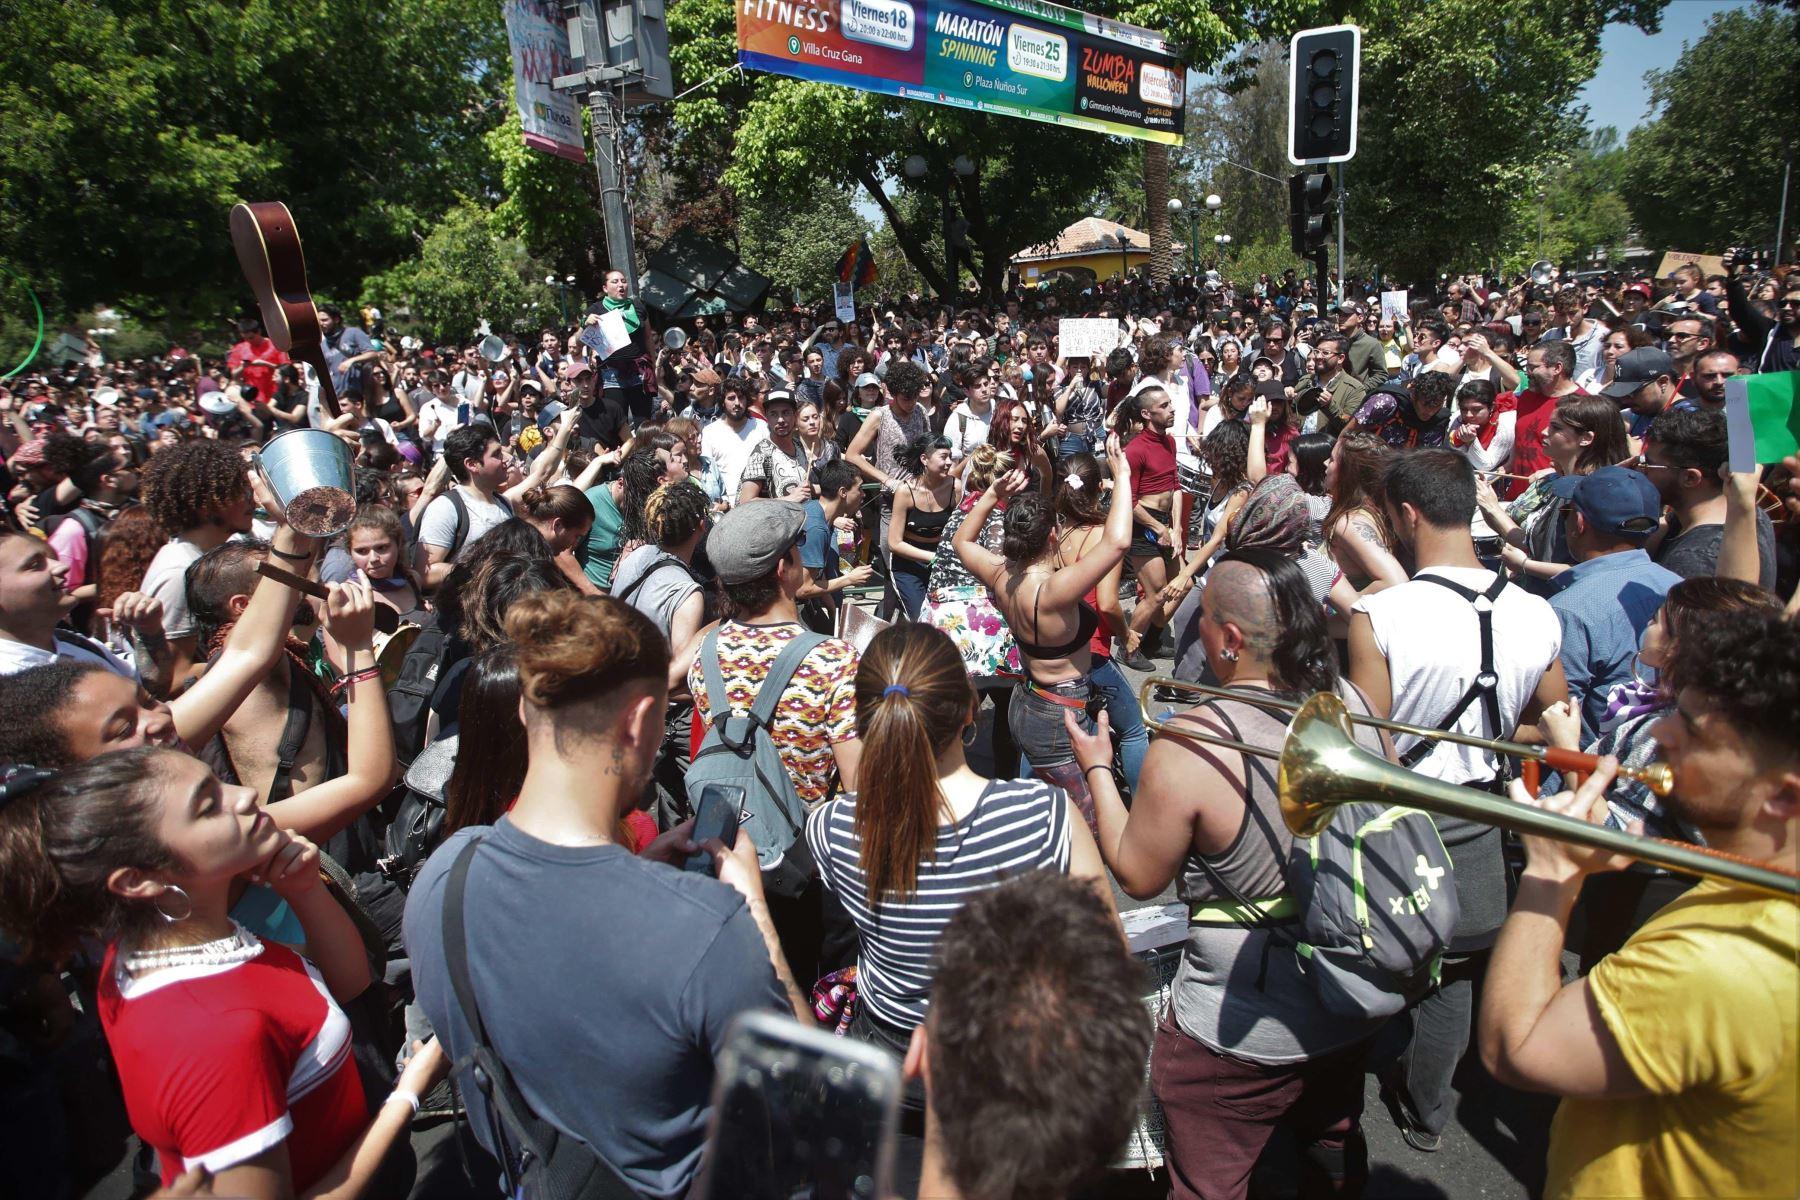 Continúan protestas en Chile ante actuales condiciones sociales. Foto: EFE